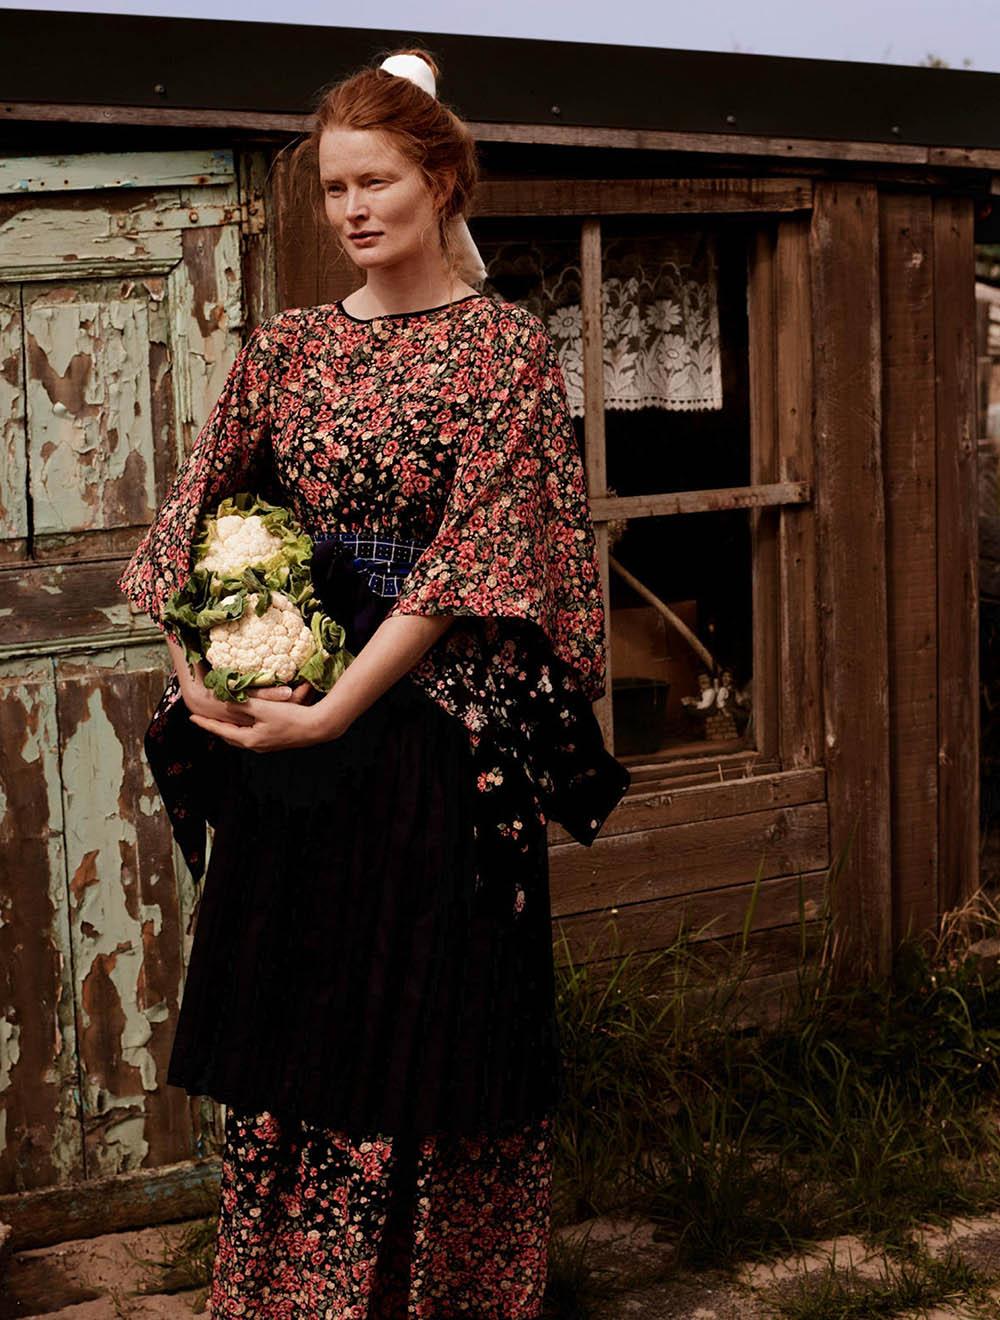 Marte-Boneschansker-by-Paul-Bellaart-for-Vogue-Netherlands-July-August-2019-6.jpg